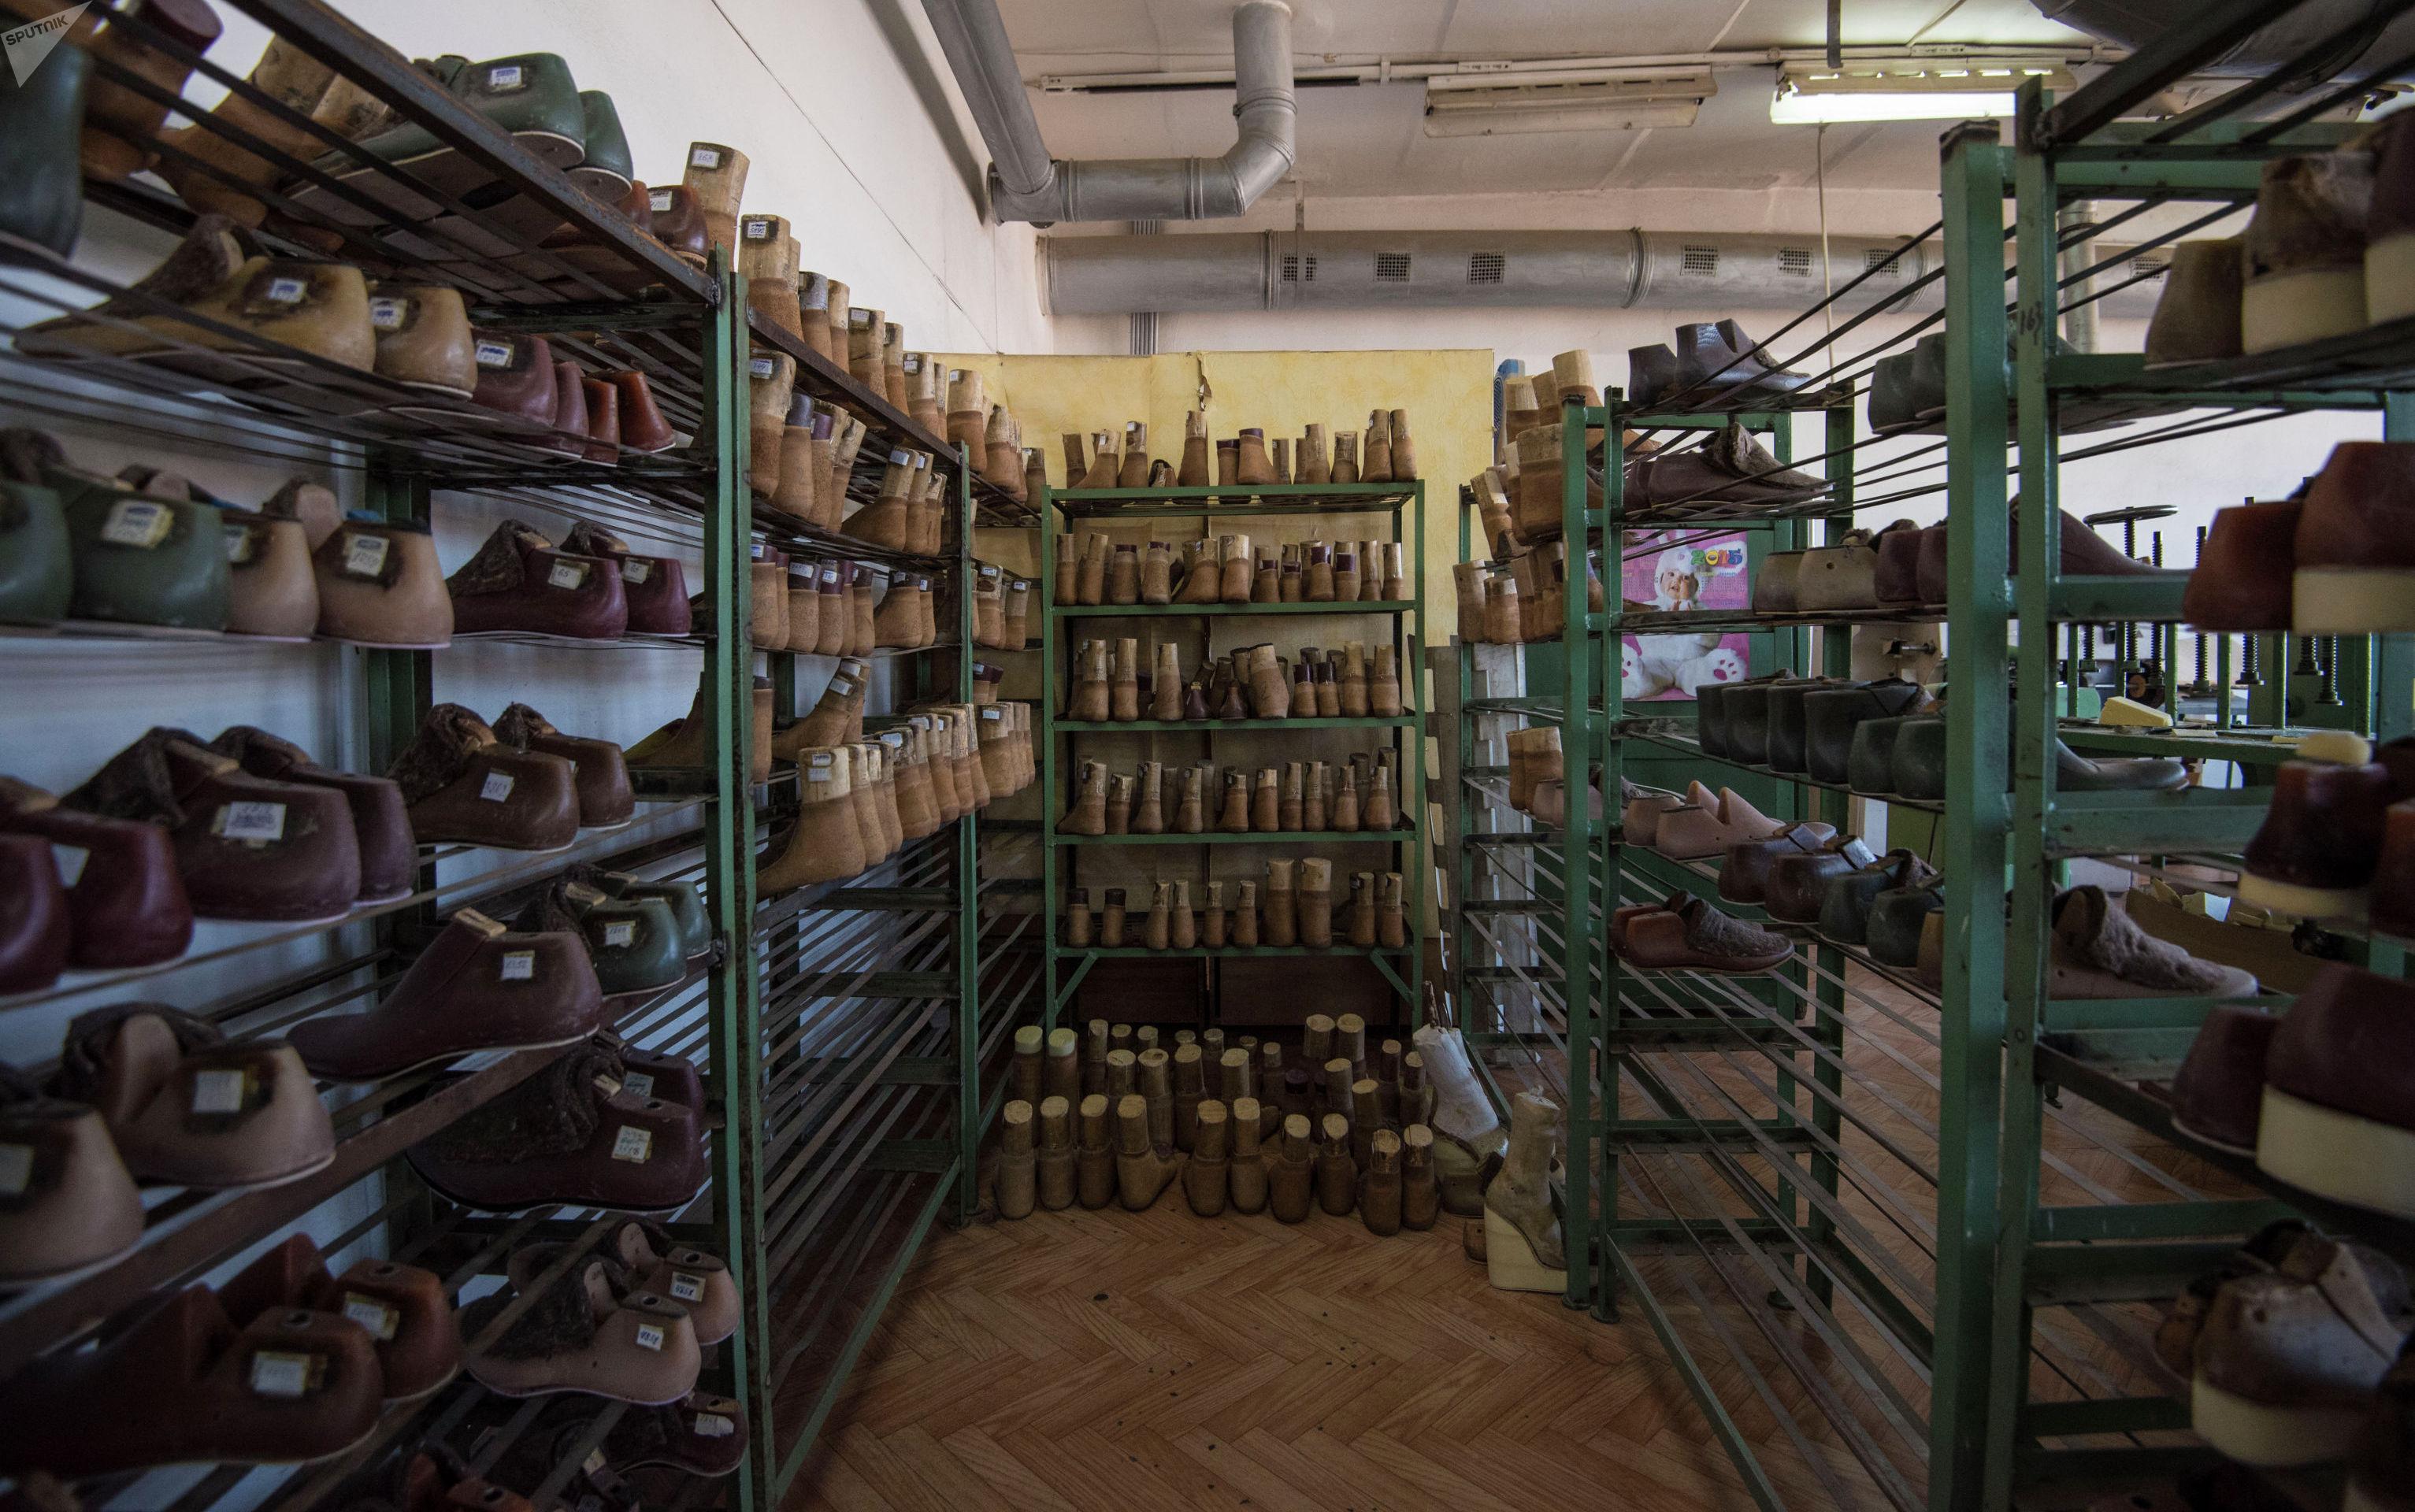 Протезы изготовленные сотрудниками центра протезно-ортопедических изделий в Бишкеке